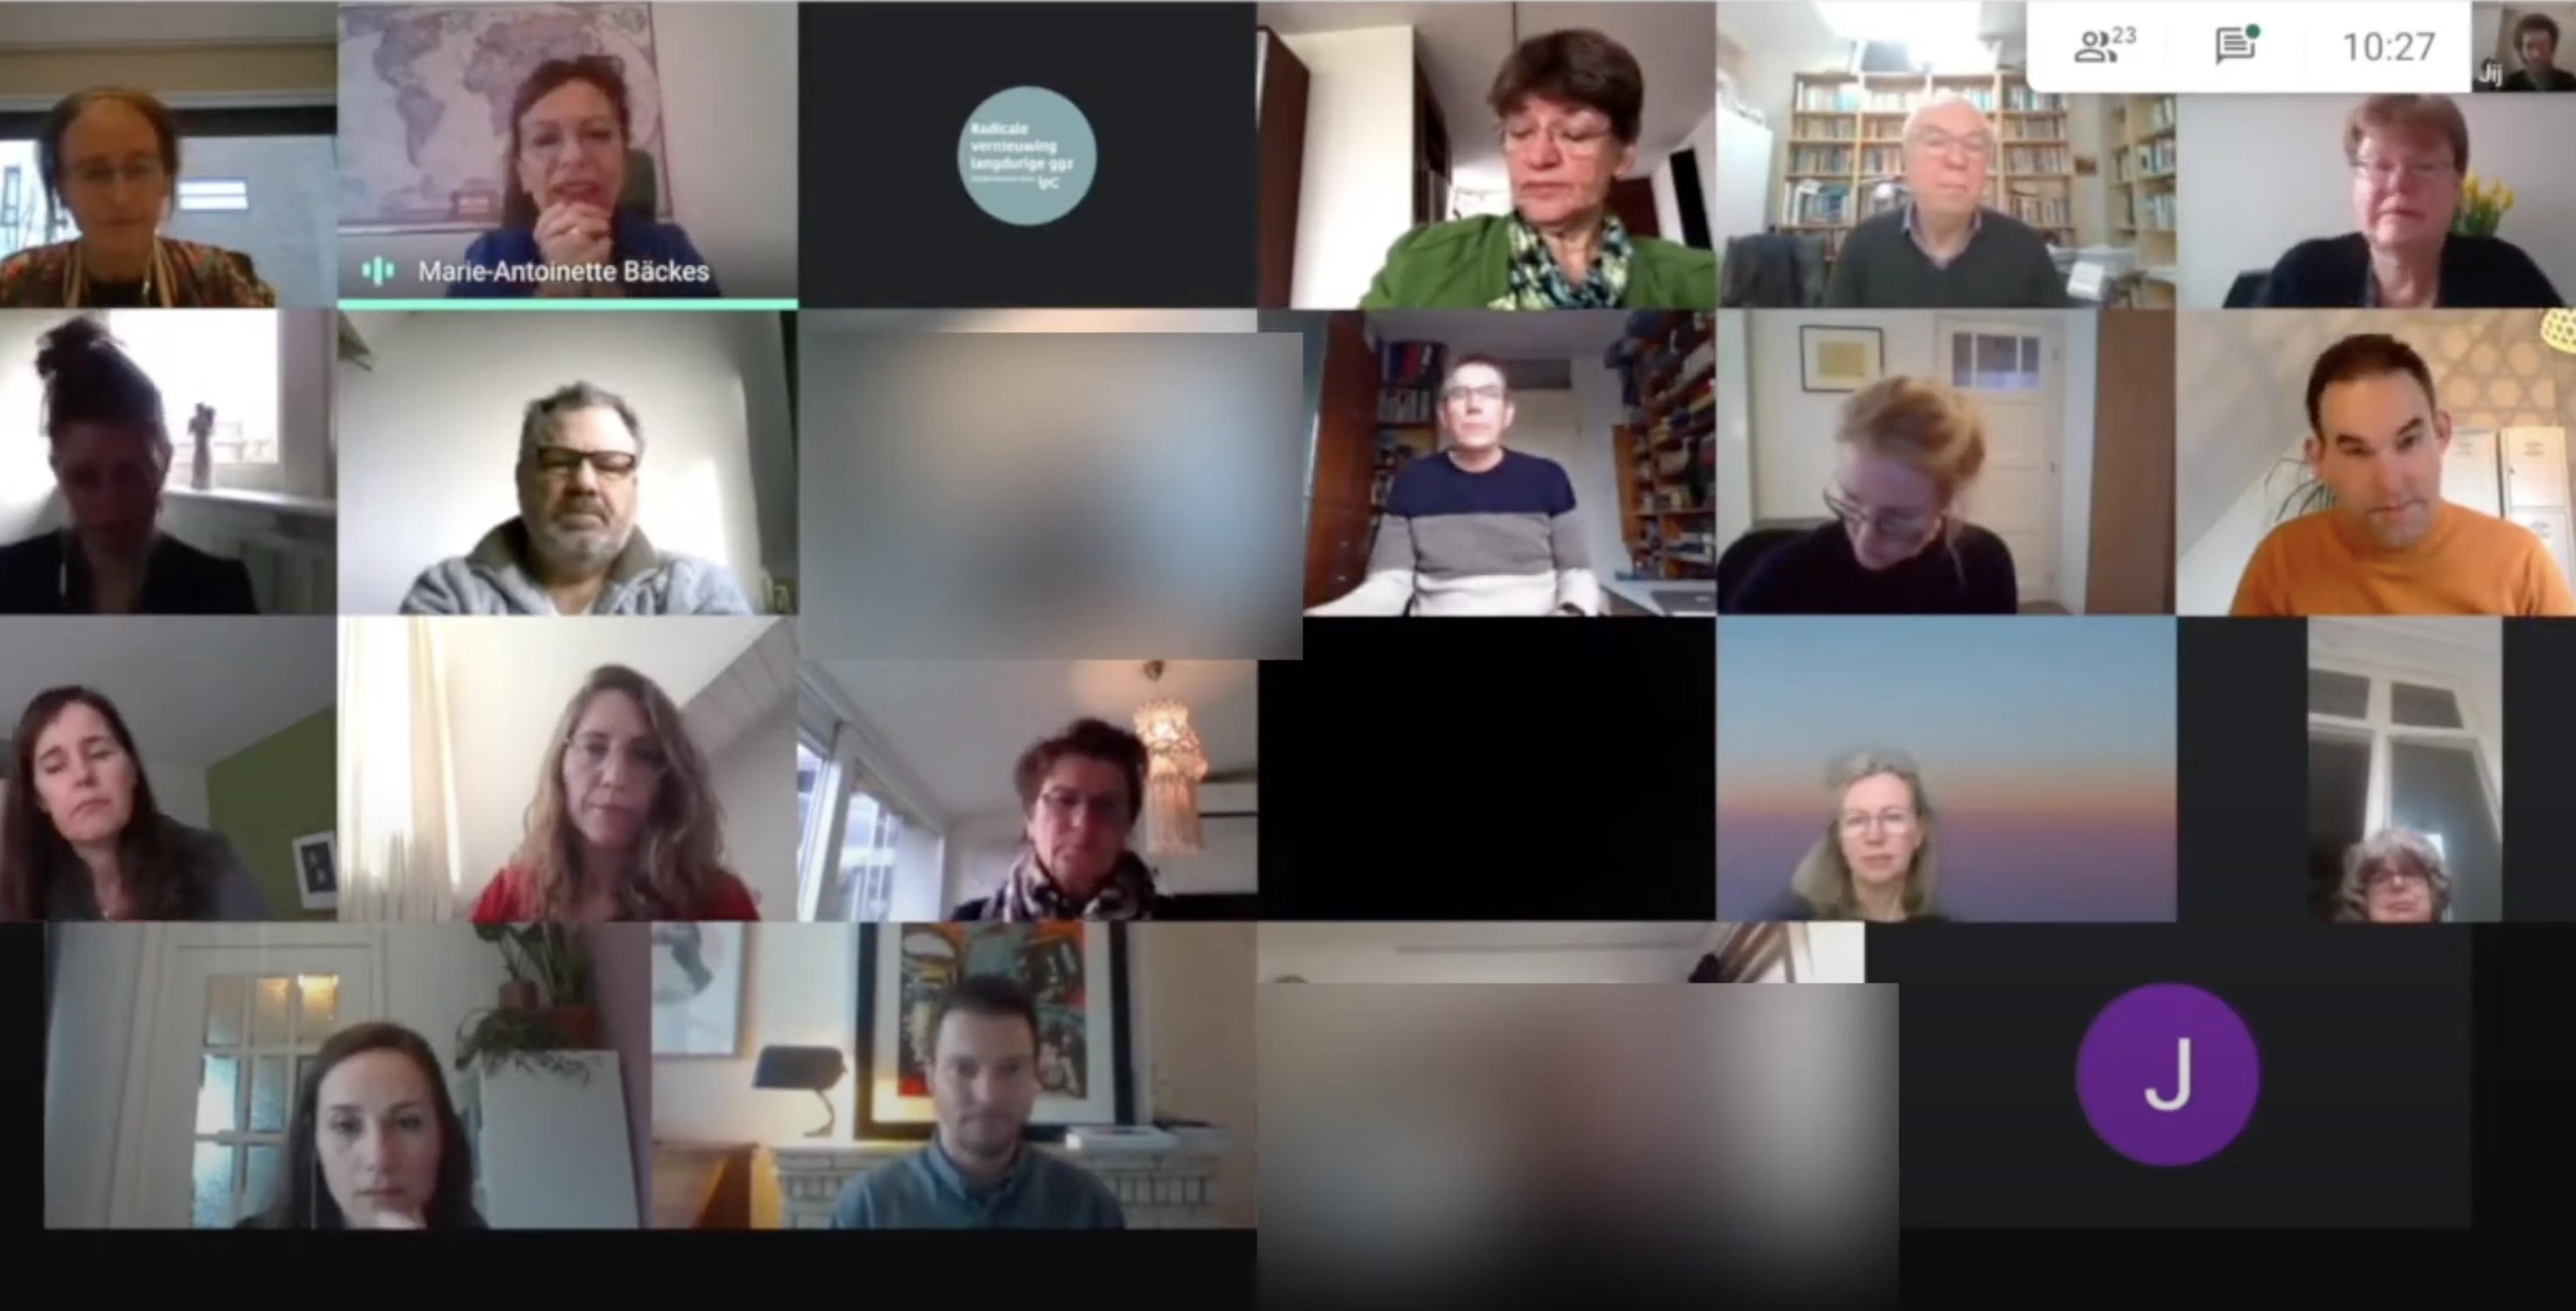 Eerste deelnemers op scherm online bijeenkomst